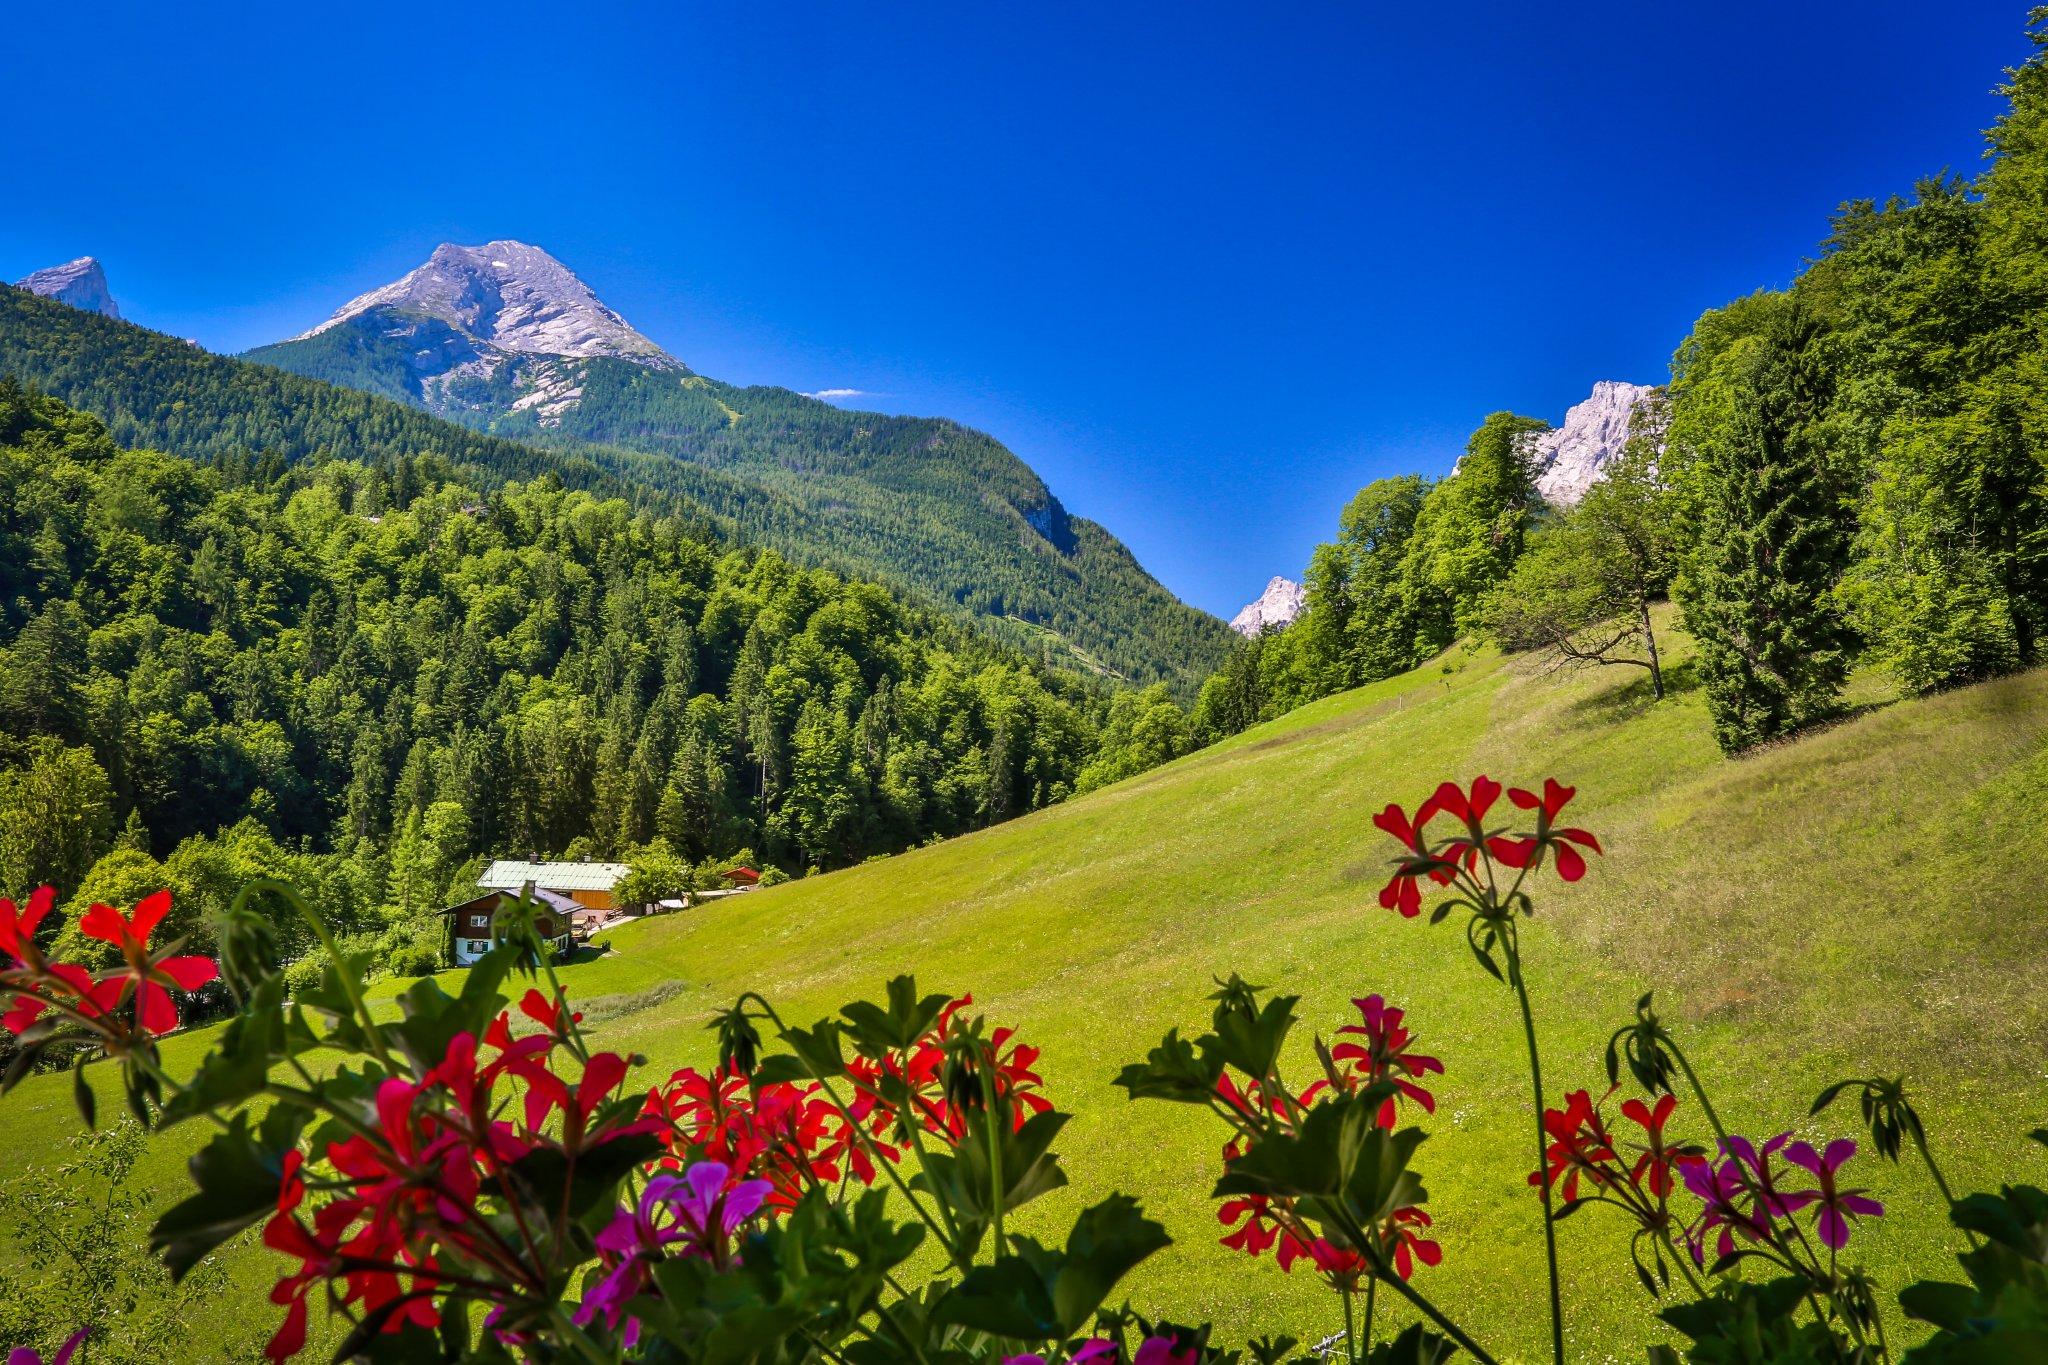 Blick auf die Berge, wundersch�n...